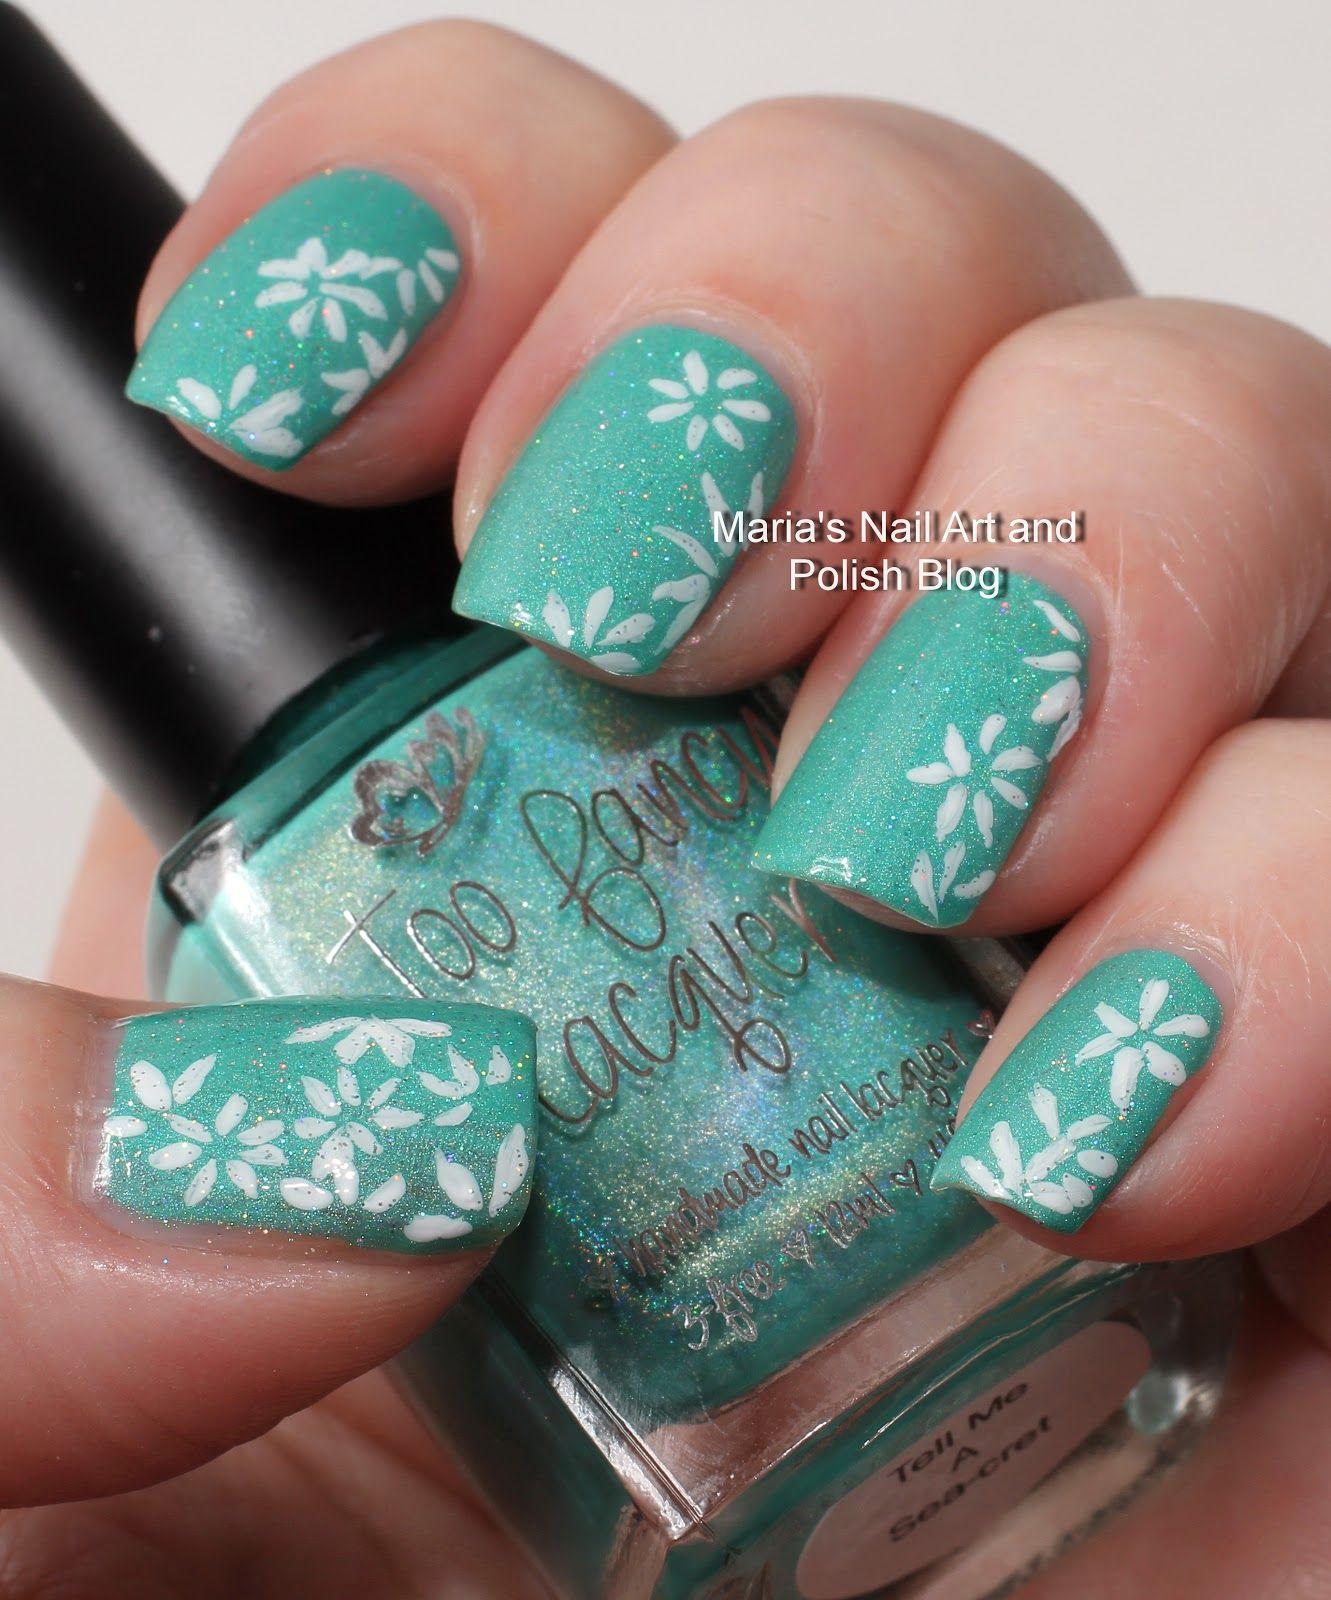 Marias Nail Art and Polish Blog: Daisy nail art | Nails | Pinterest ...